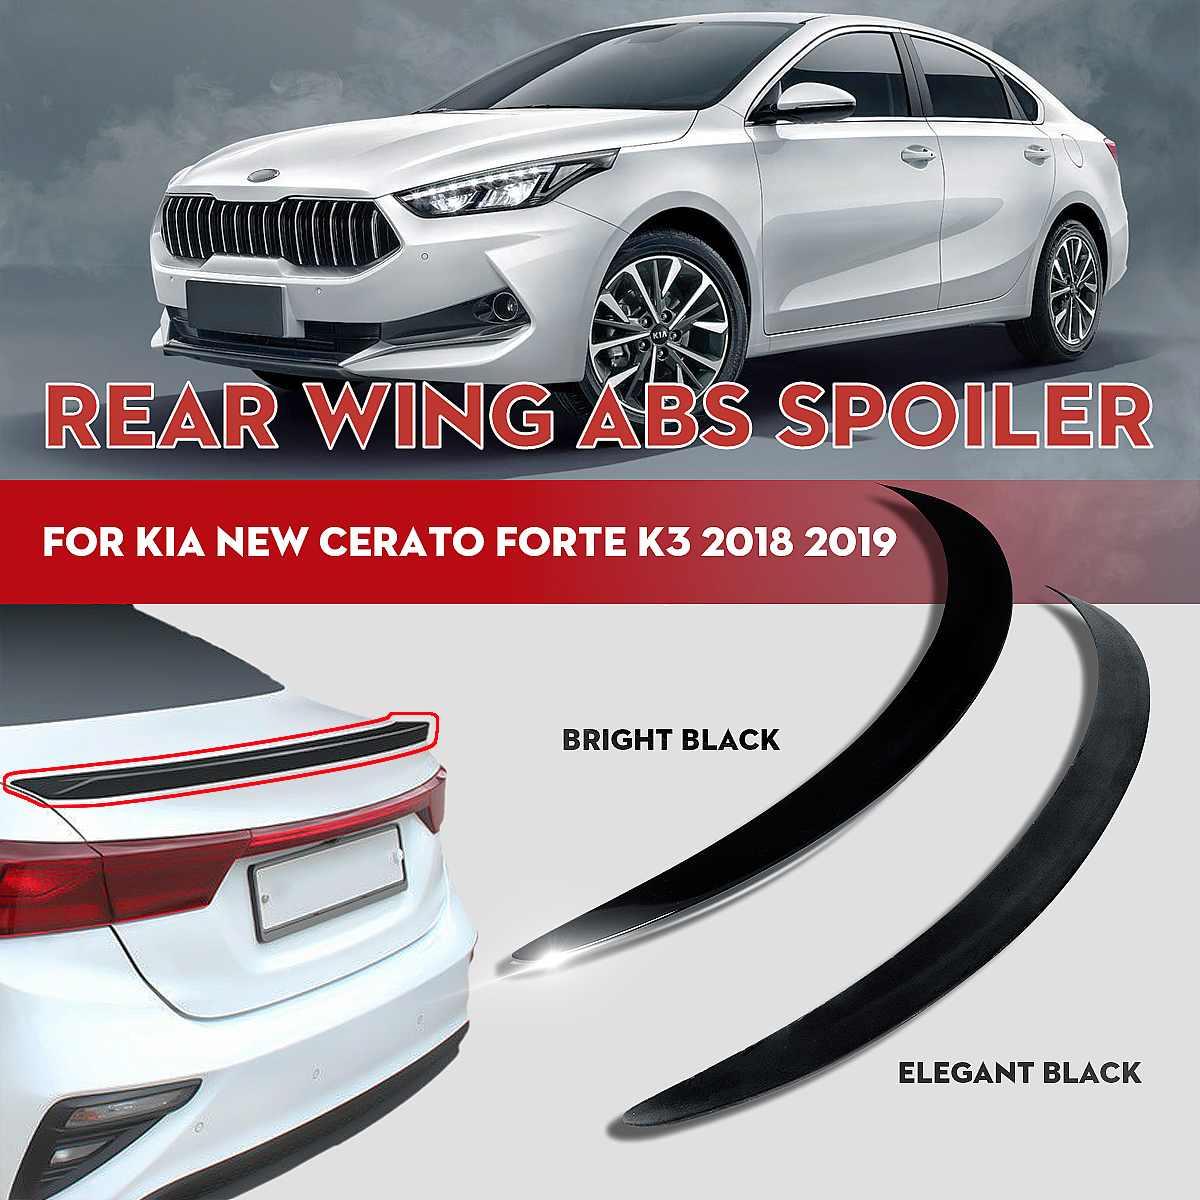 ABS voiture arrière coffre Spoiler lèvre aile garde mat brillant noir pour Kia Cerato Forte Sports GT 2018 2019